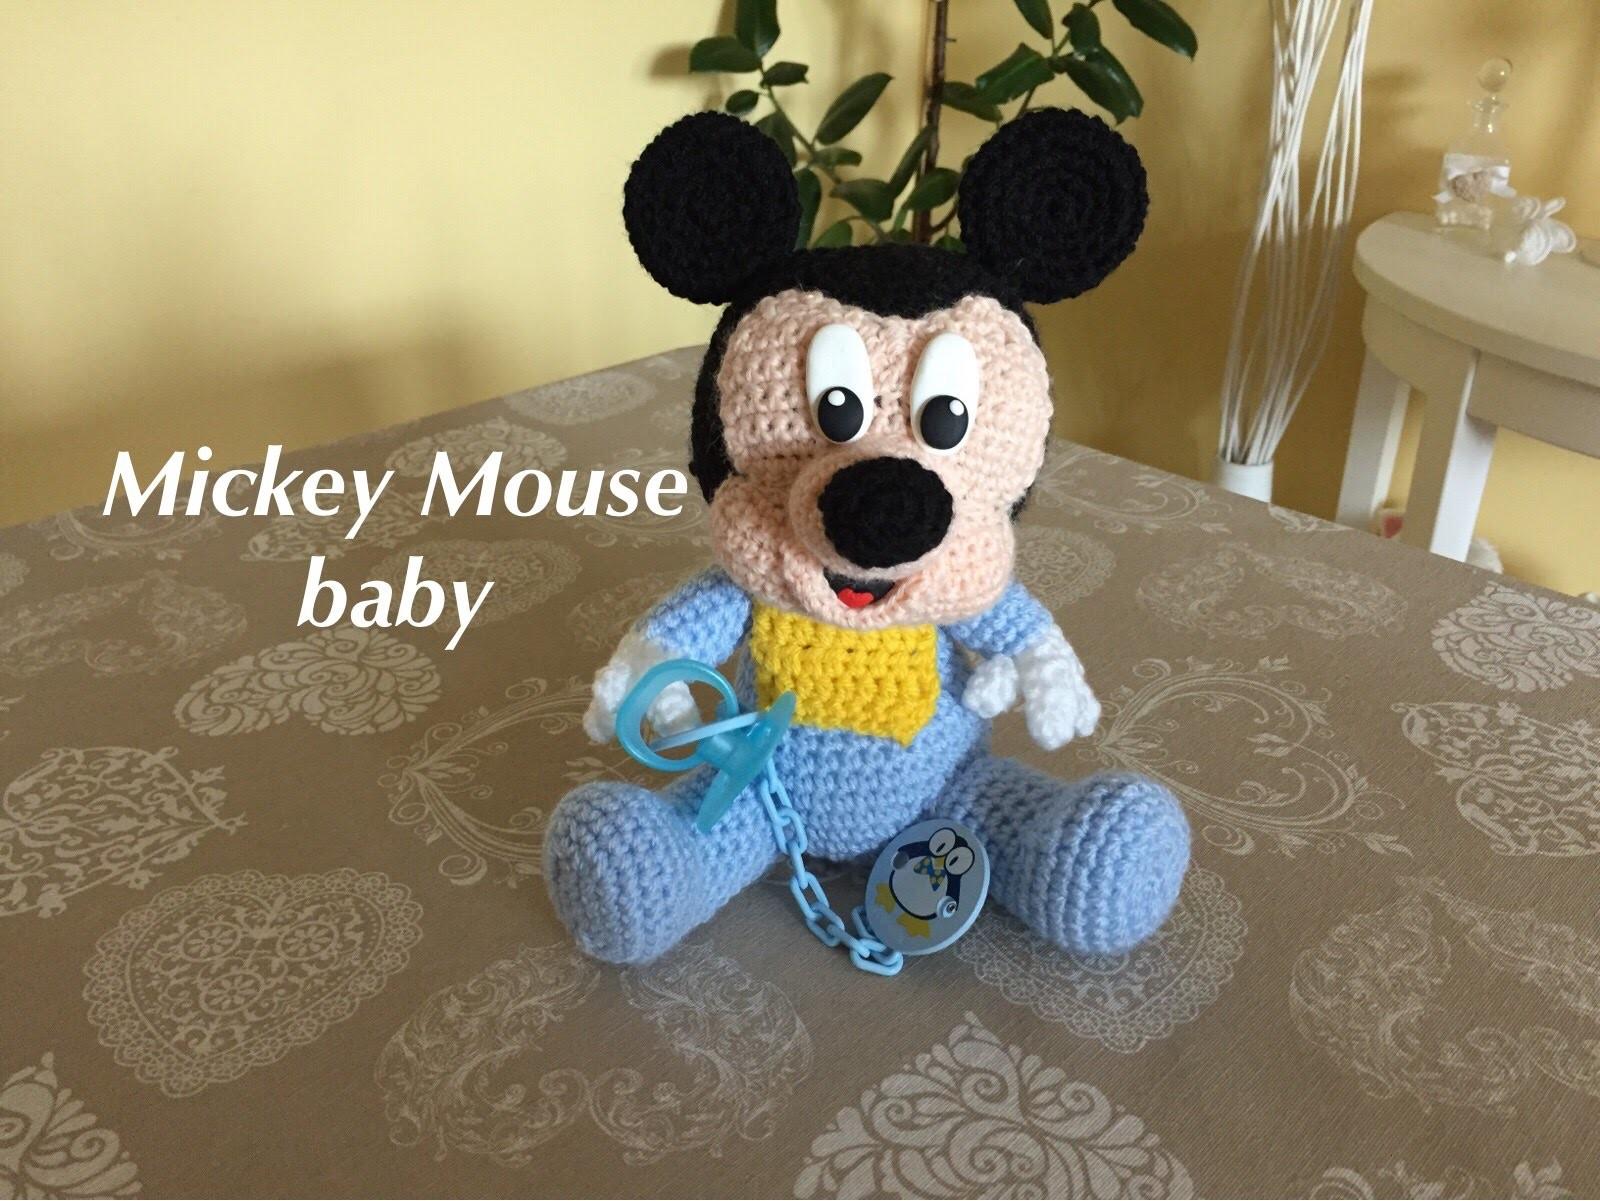 Mickey Mouse Amigurumi Schema : Mickey Mouse-Topolino baby Amigurumi(tutorial), My Crafts ...